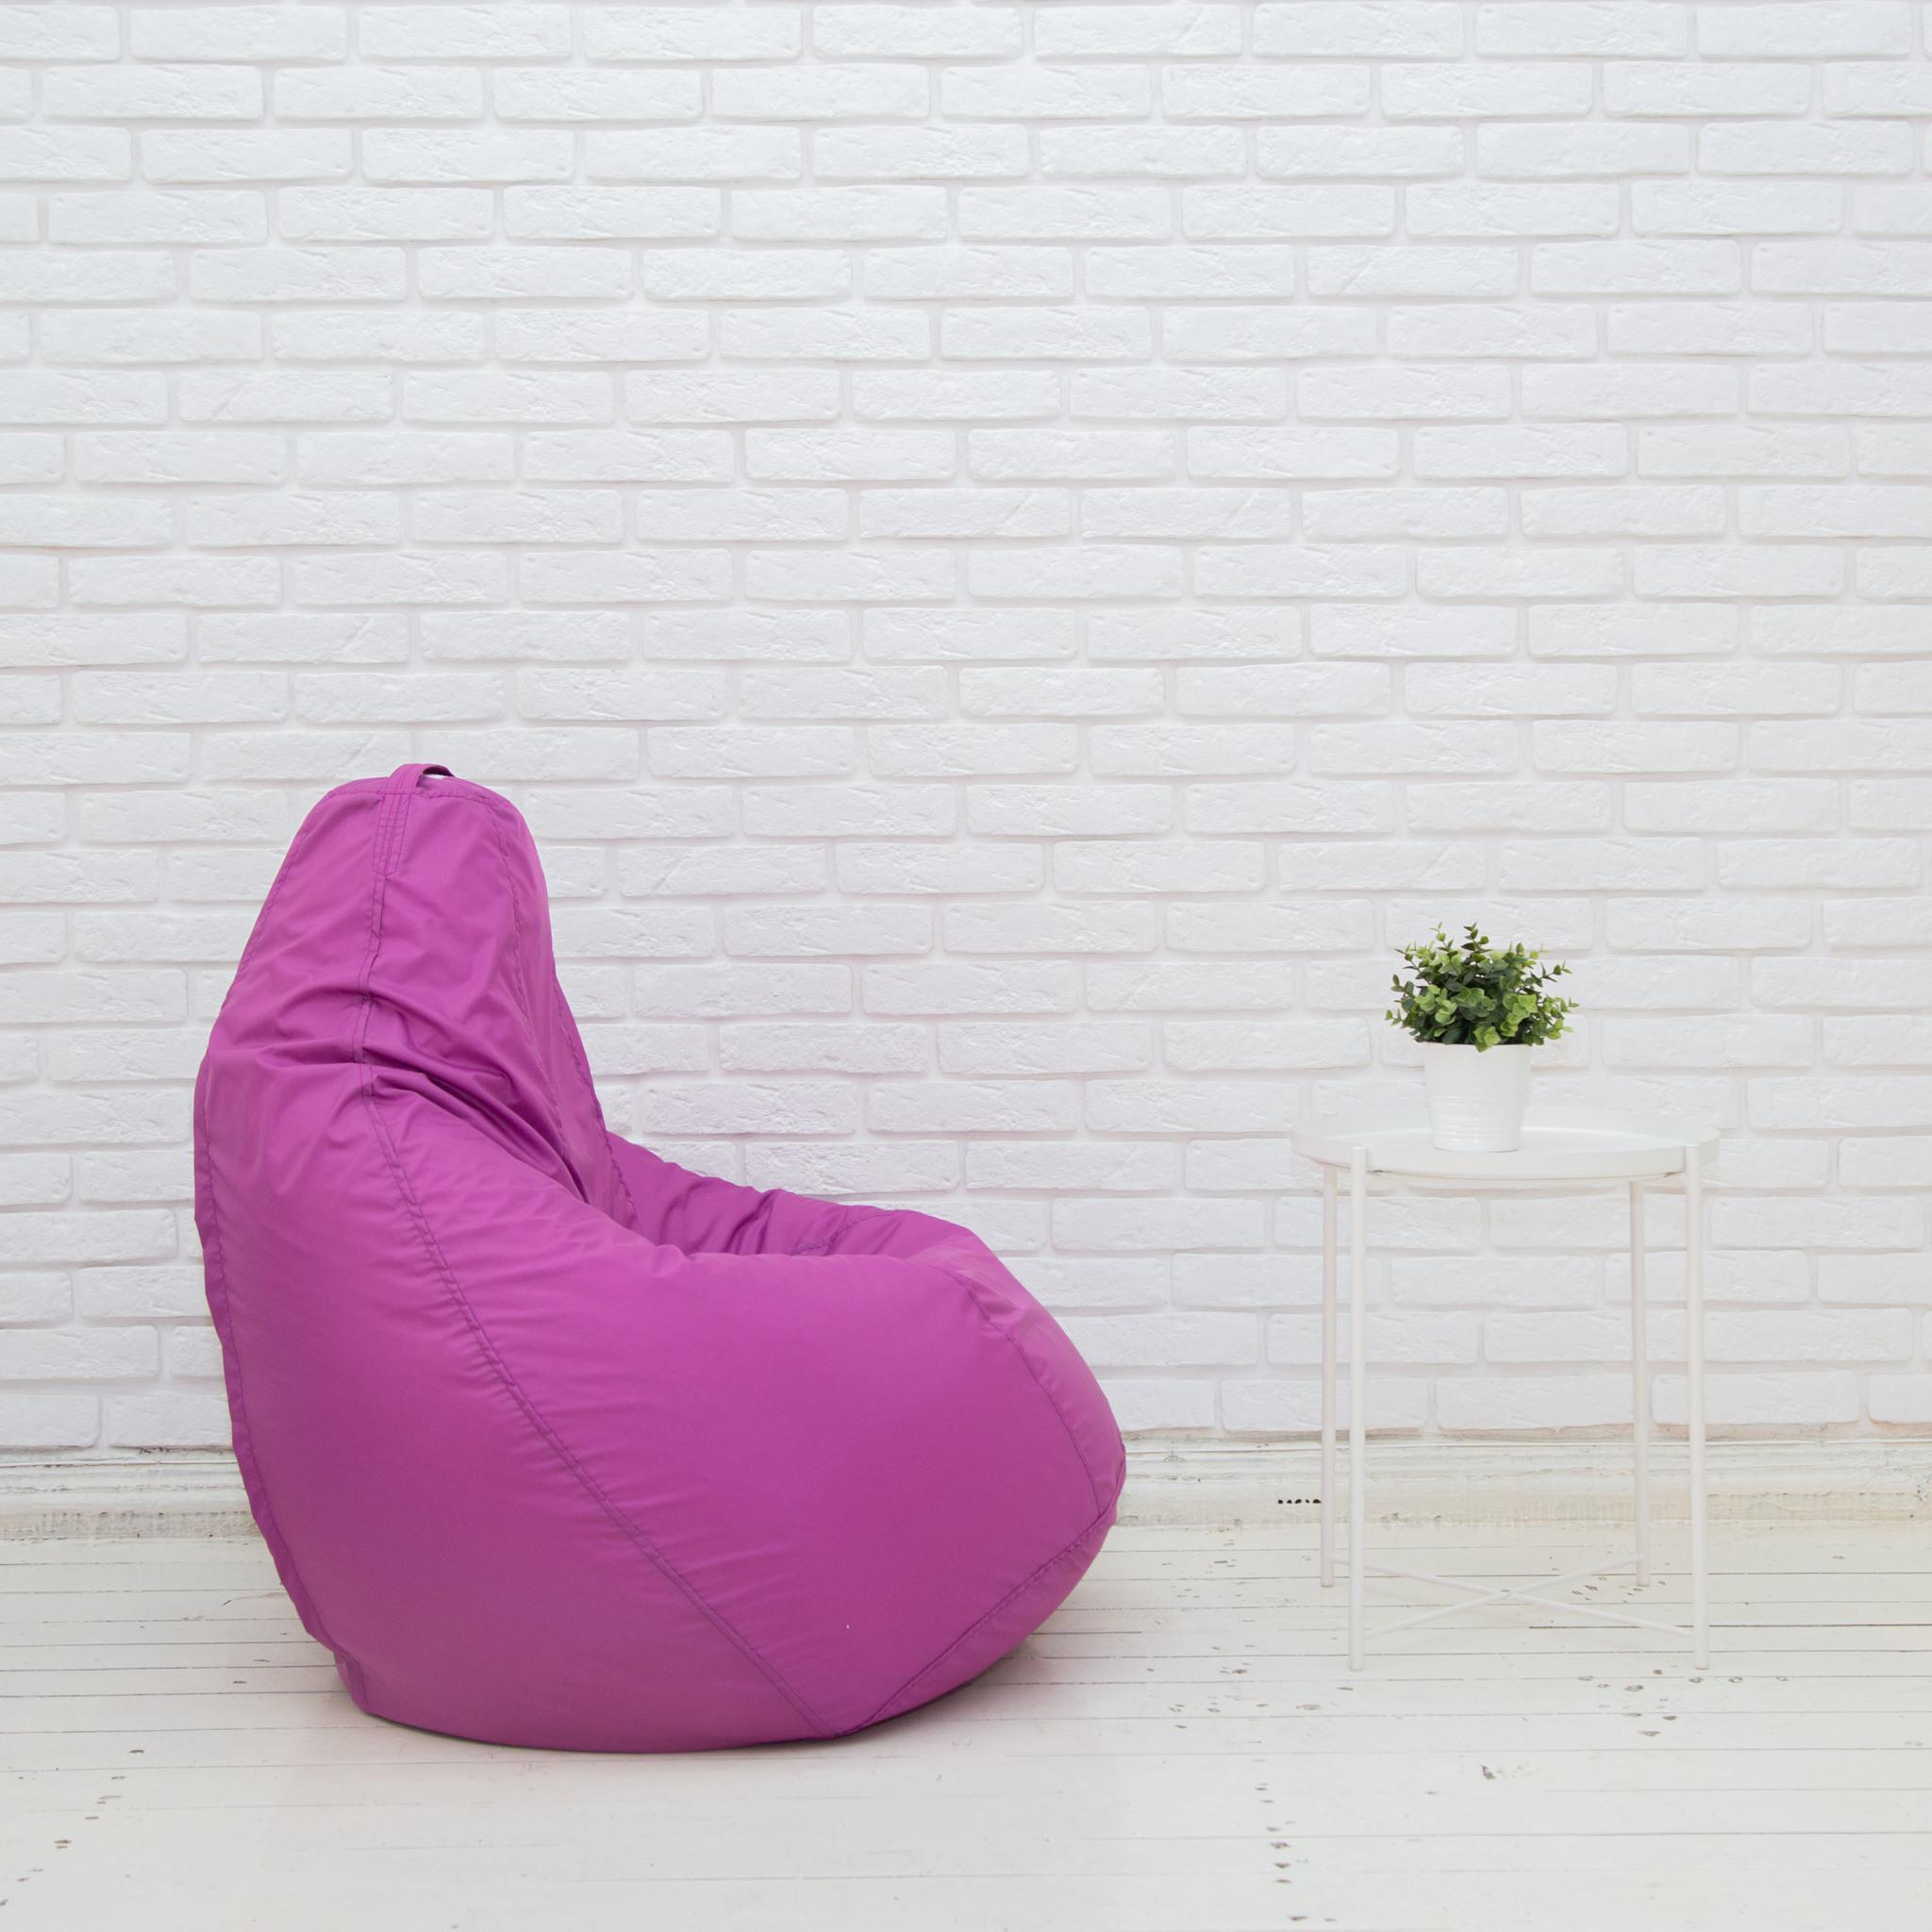 Груша М плащёвка, съёмный чехол (фиолетовый)